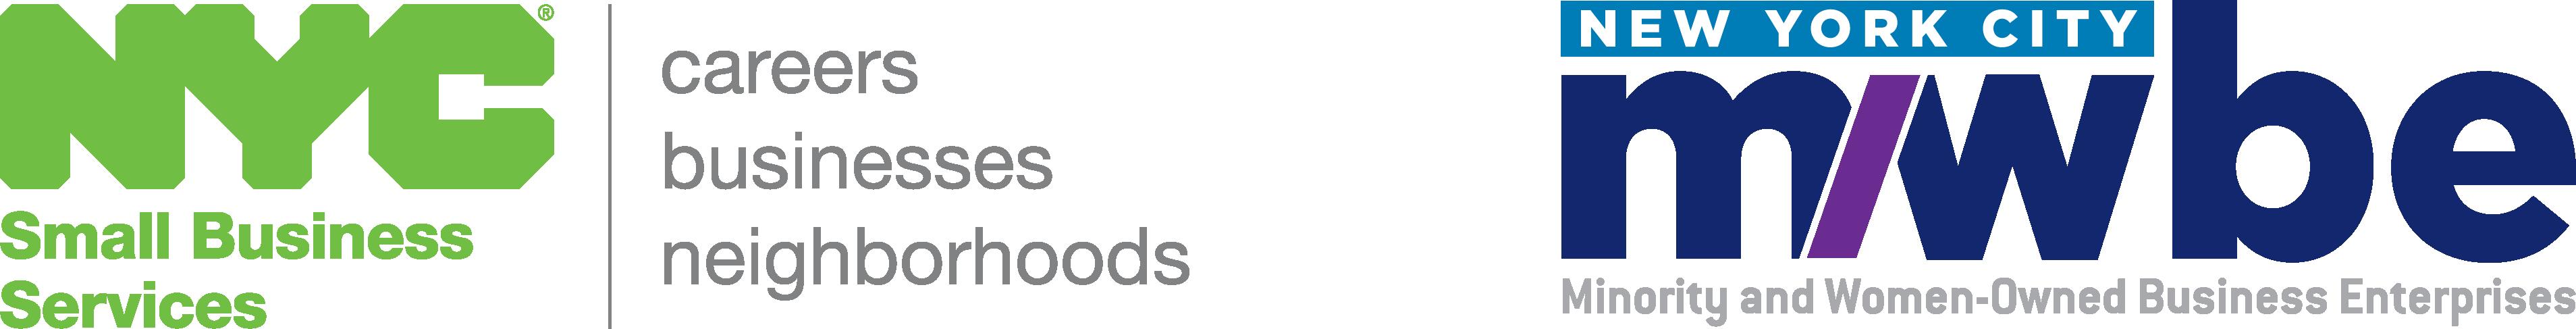 SBS MWBE Logo